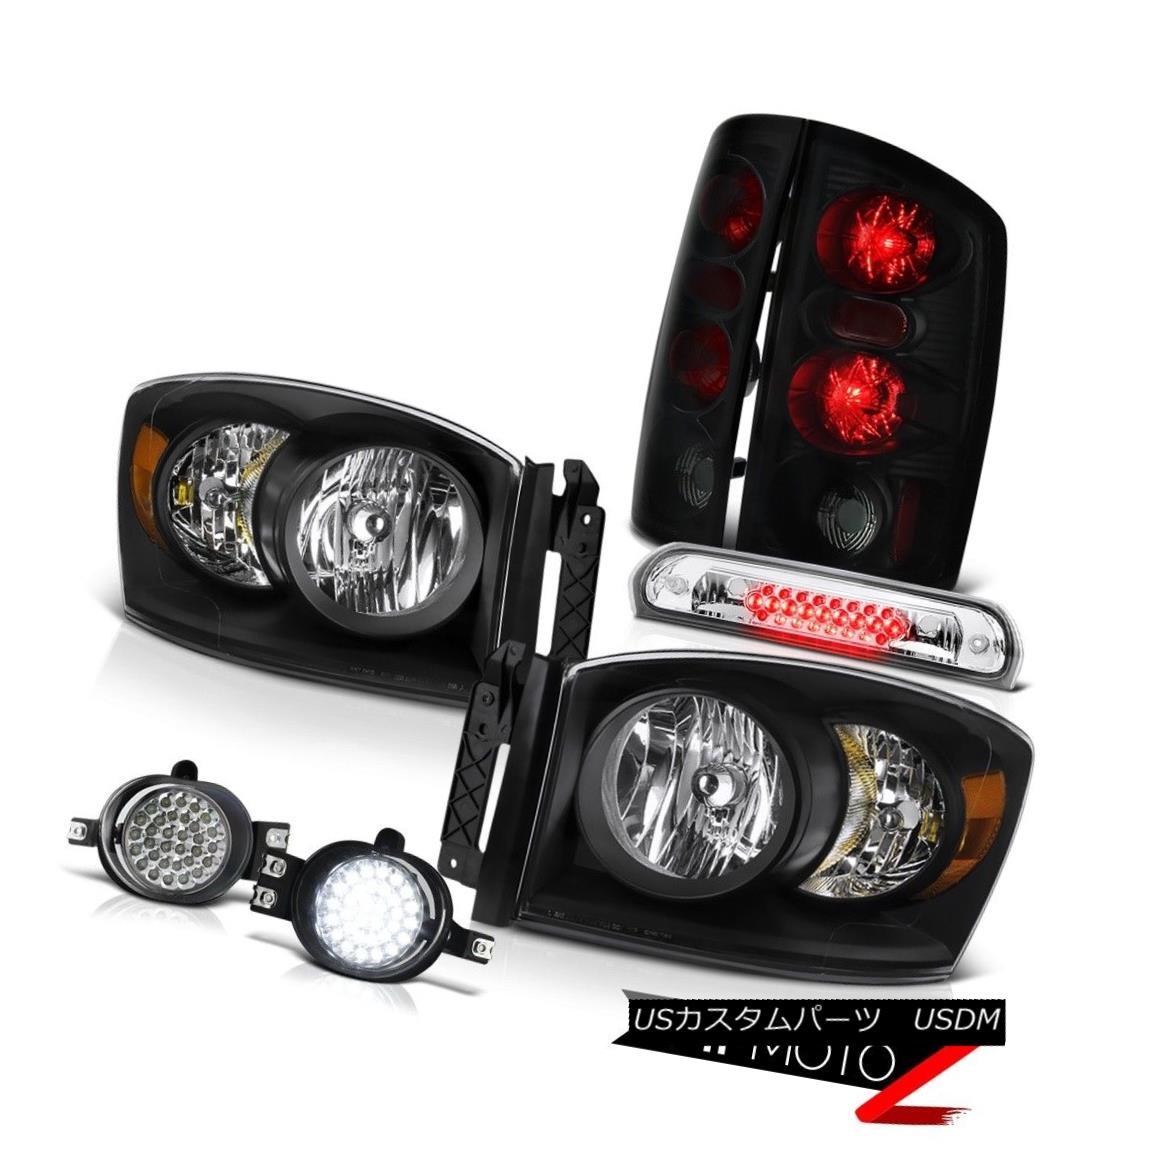 テールライト Raven Black Headlamps Smoke Taillights LED Driving Foglights 2006 Dodge Ram 1500 Raven BlackヘッドランプスモークテールライトLED Driving Fog Lights 2006 Dodge Ram 1500